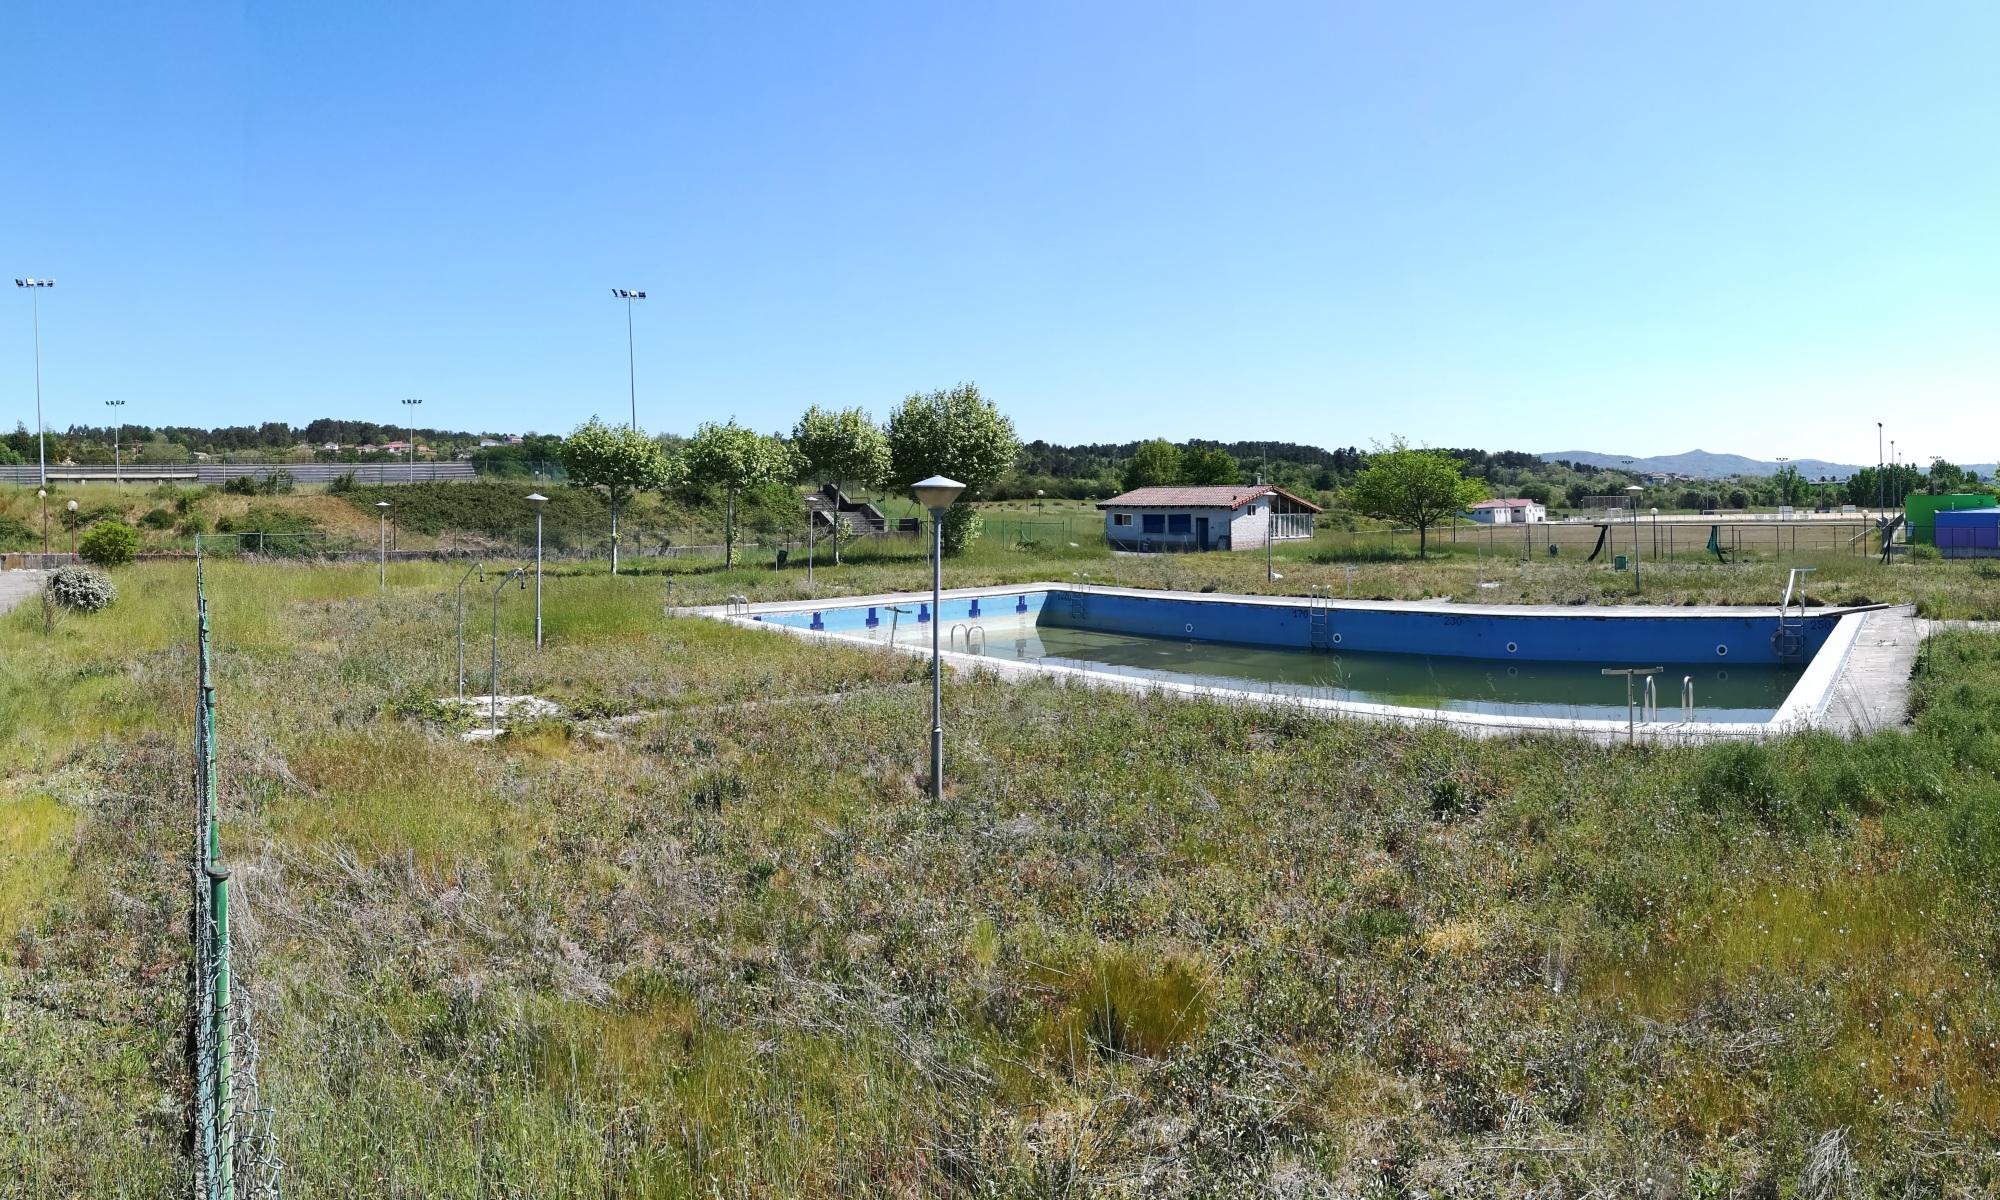 Abandono instalaciones deportivas Parque Tecnologico Galicia 01